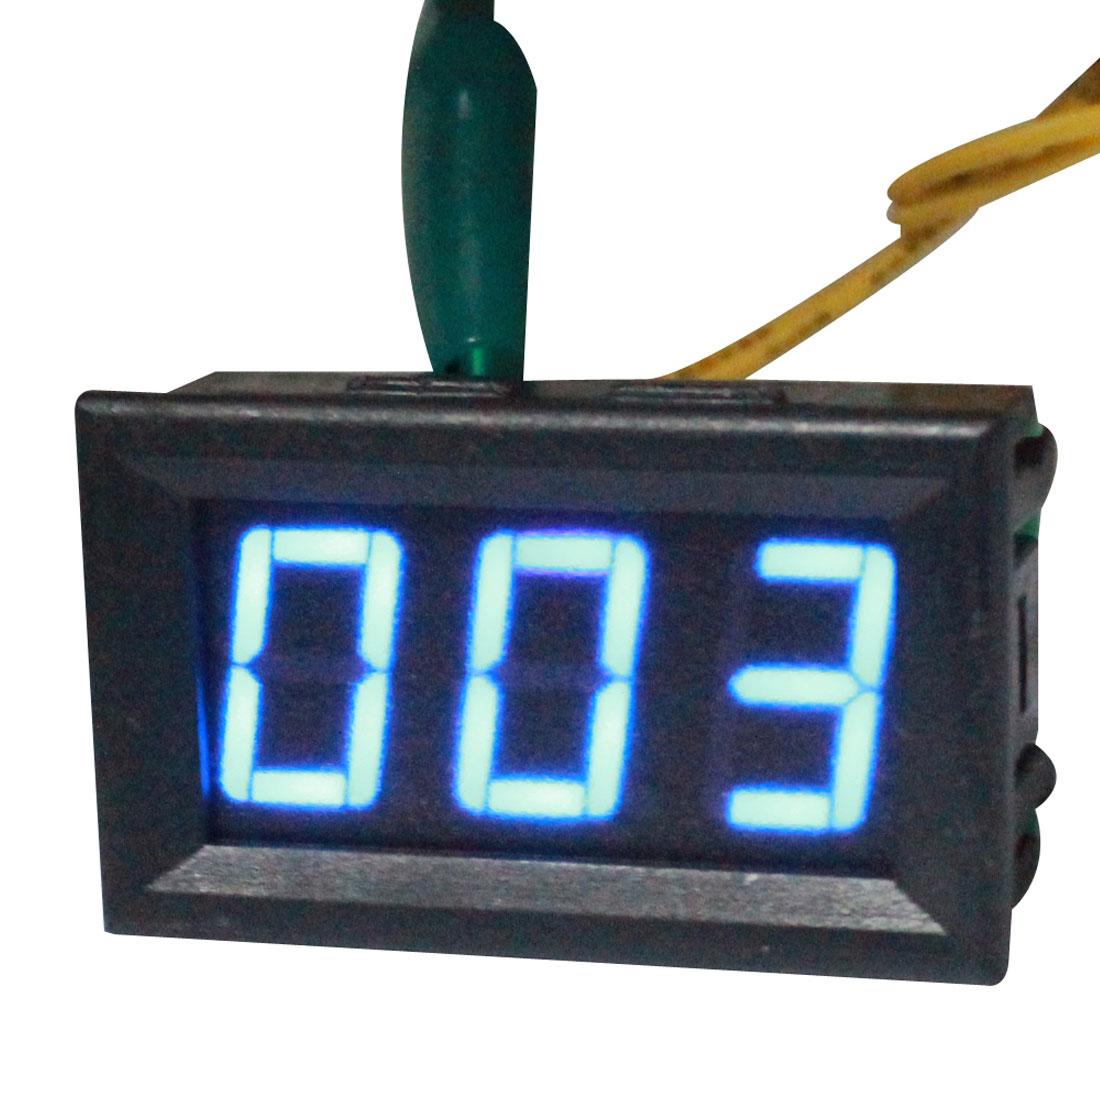 AC12V-380V Wire Leads Blue Digits 3 Position LED Digital Display Panel Gauge Voltmeter Voltage Meter